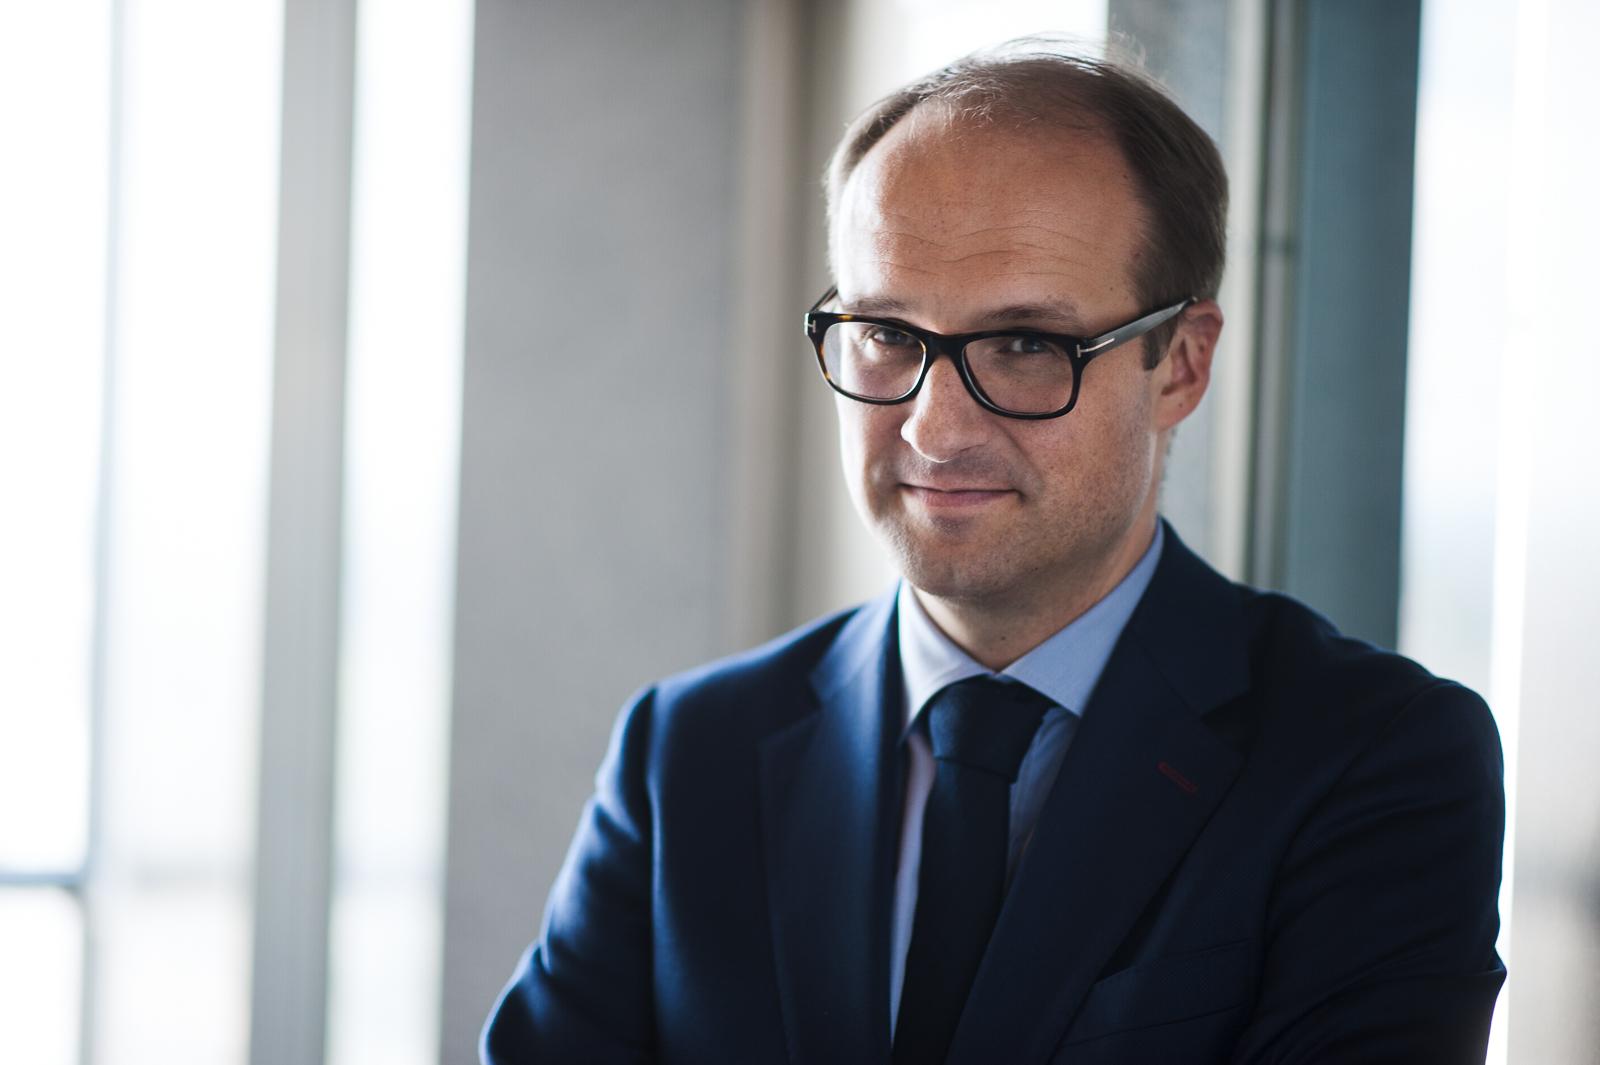 Tomasz Kawczyński Marketingowe-4.jpg